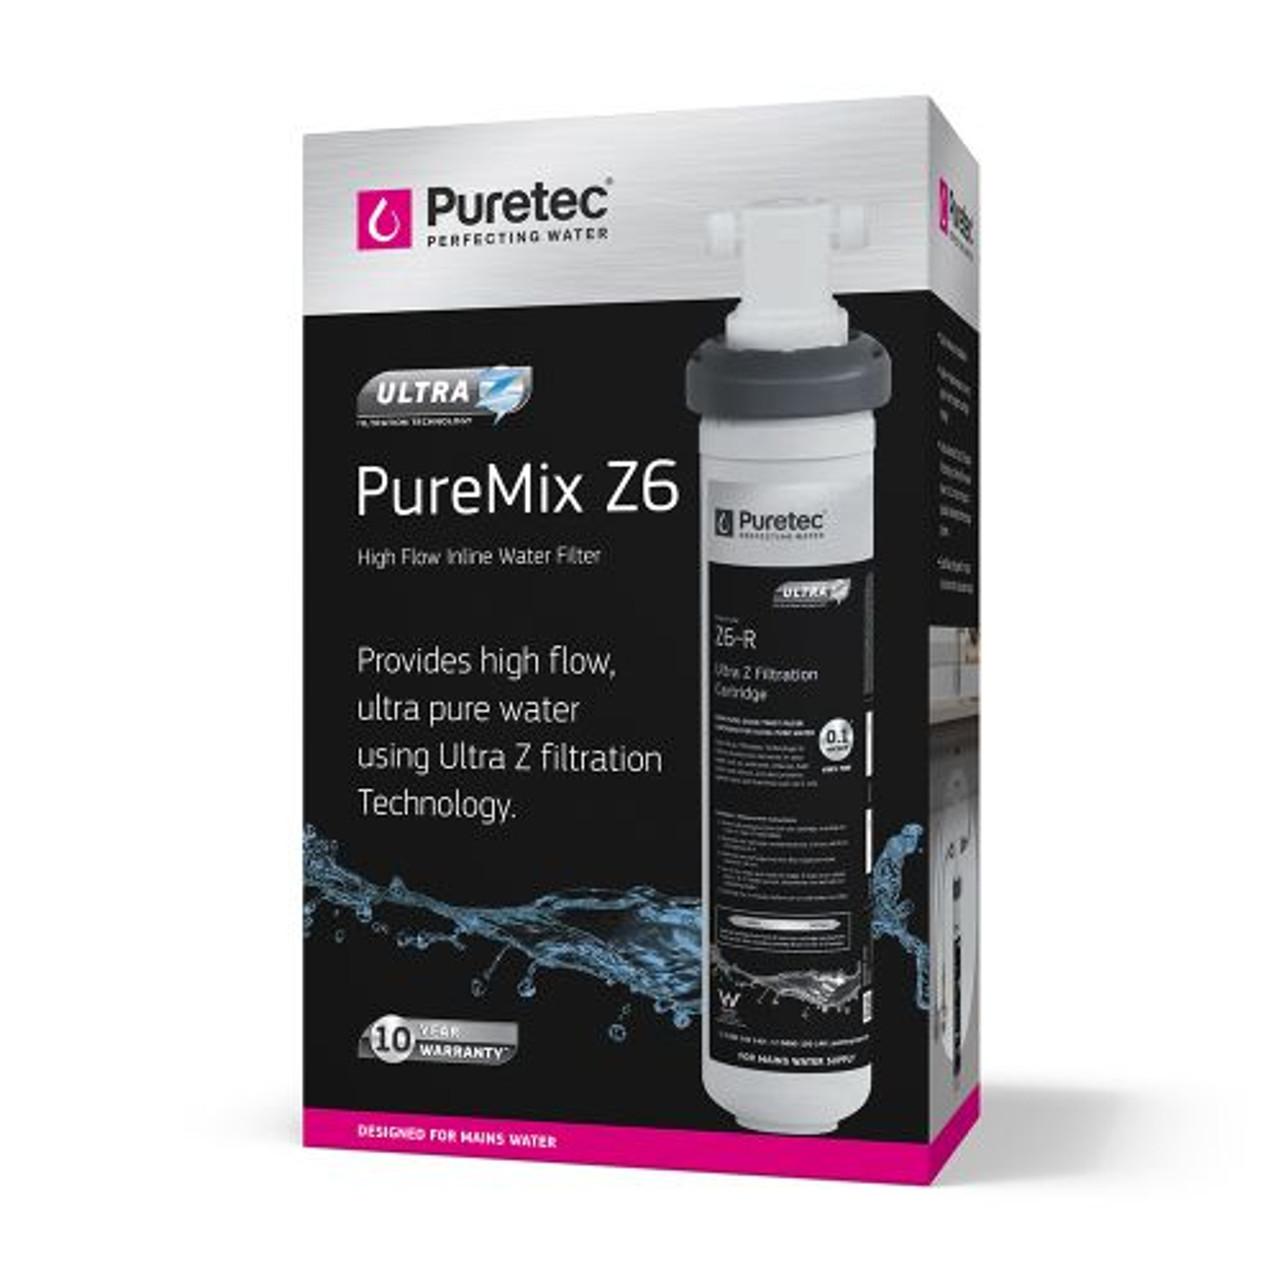 Puretec High Flow Inline Undersink Water Filter System In White